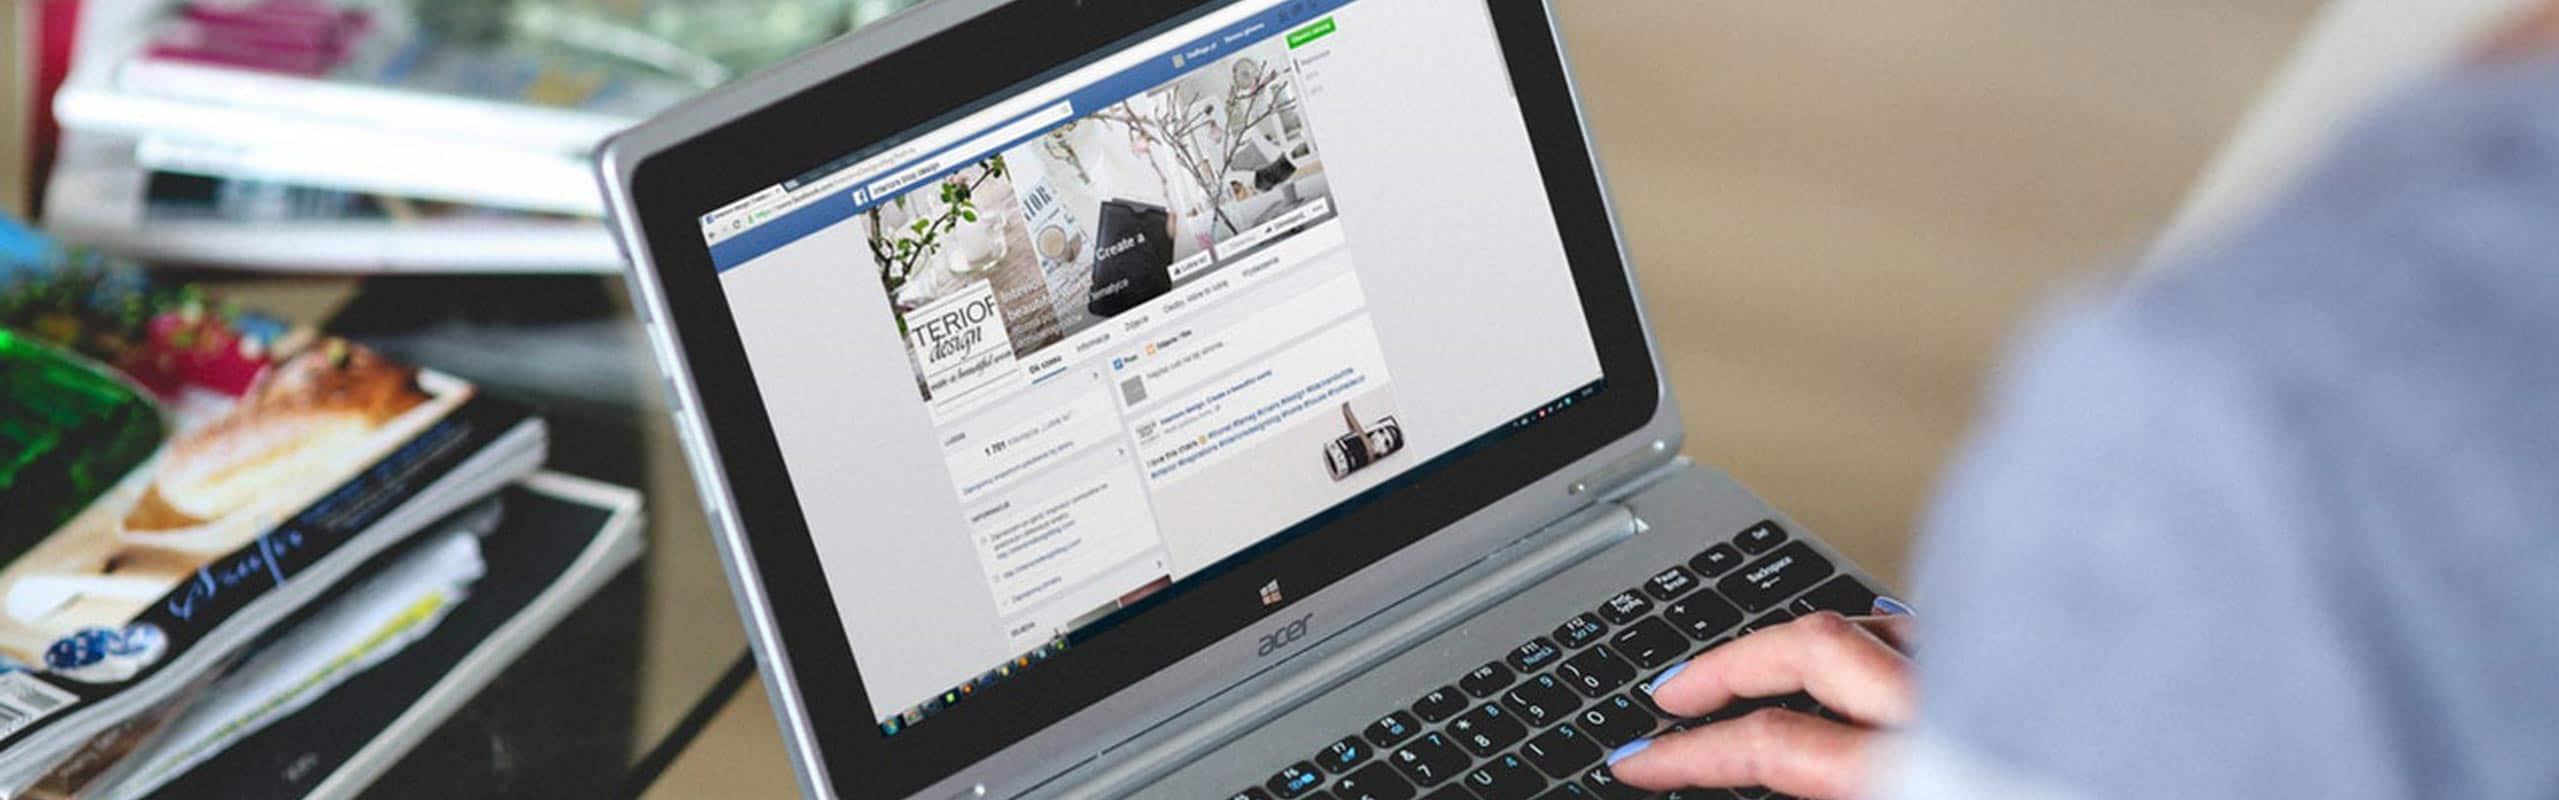 Descubre el Facebook Ads y cómo funciona